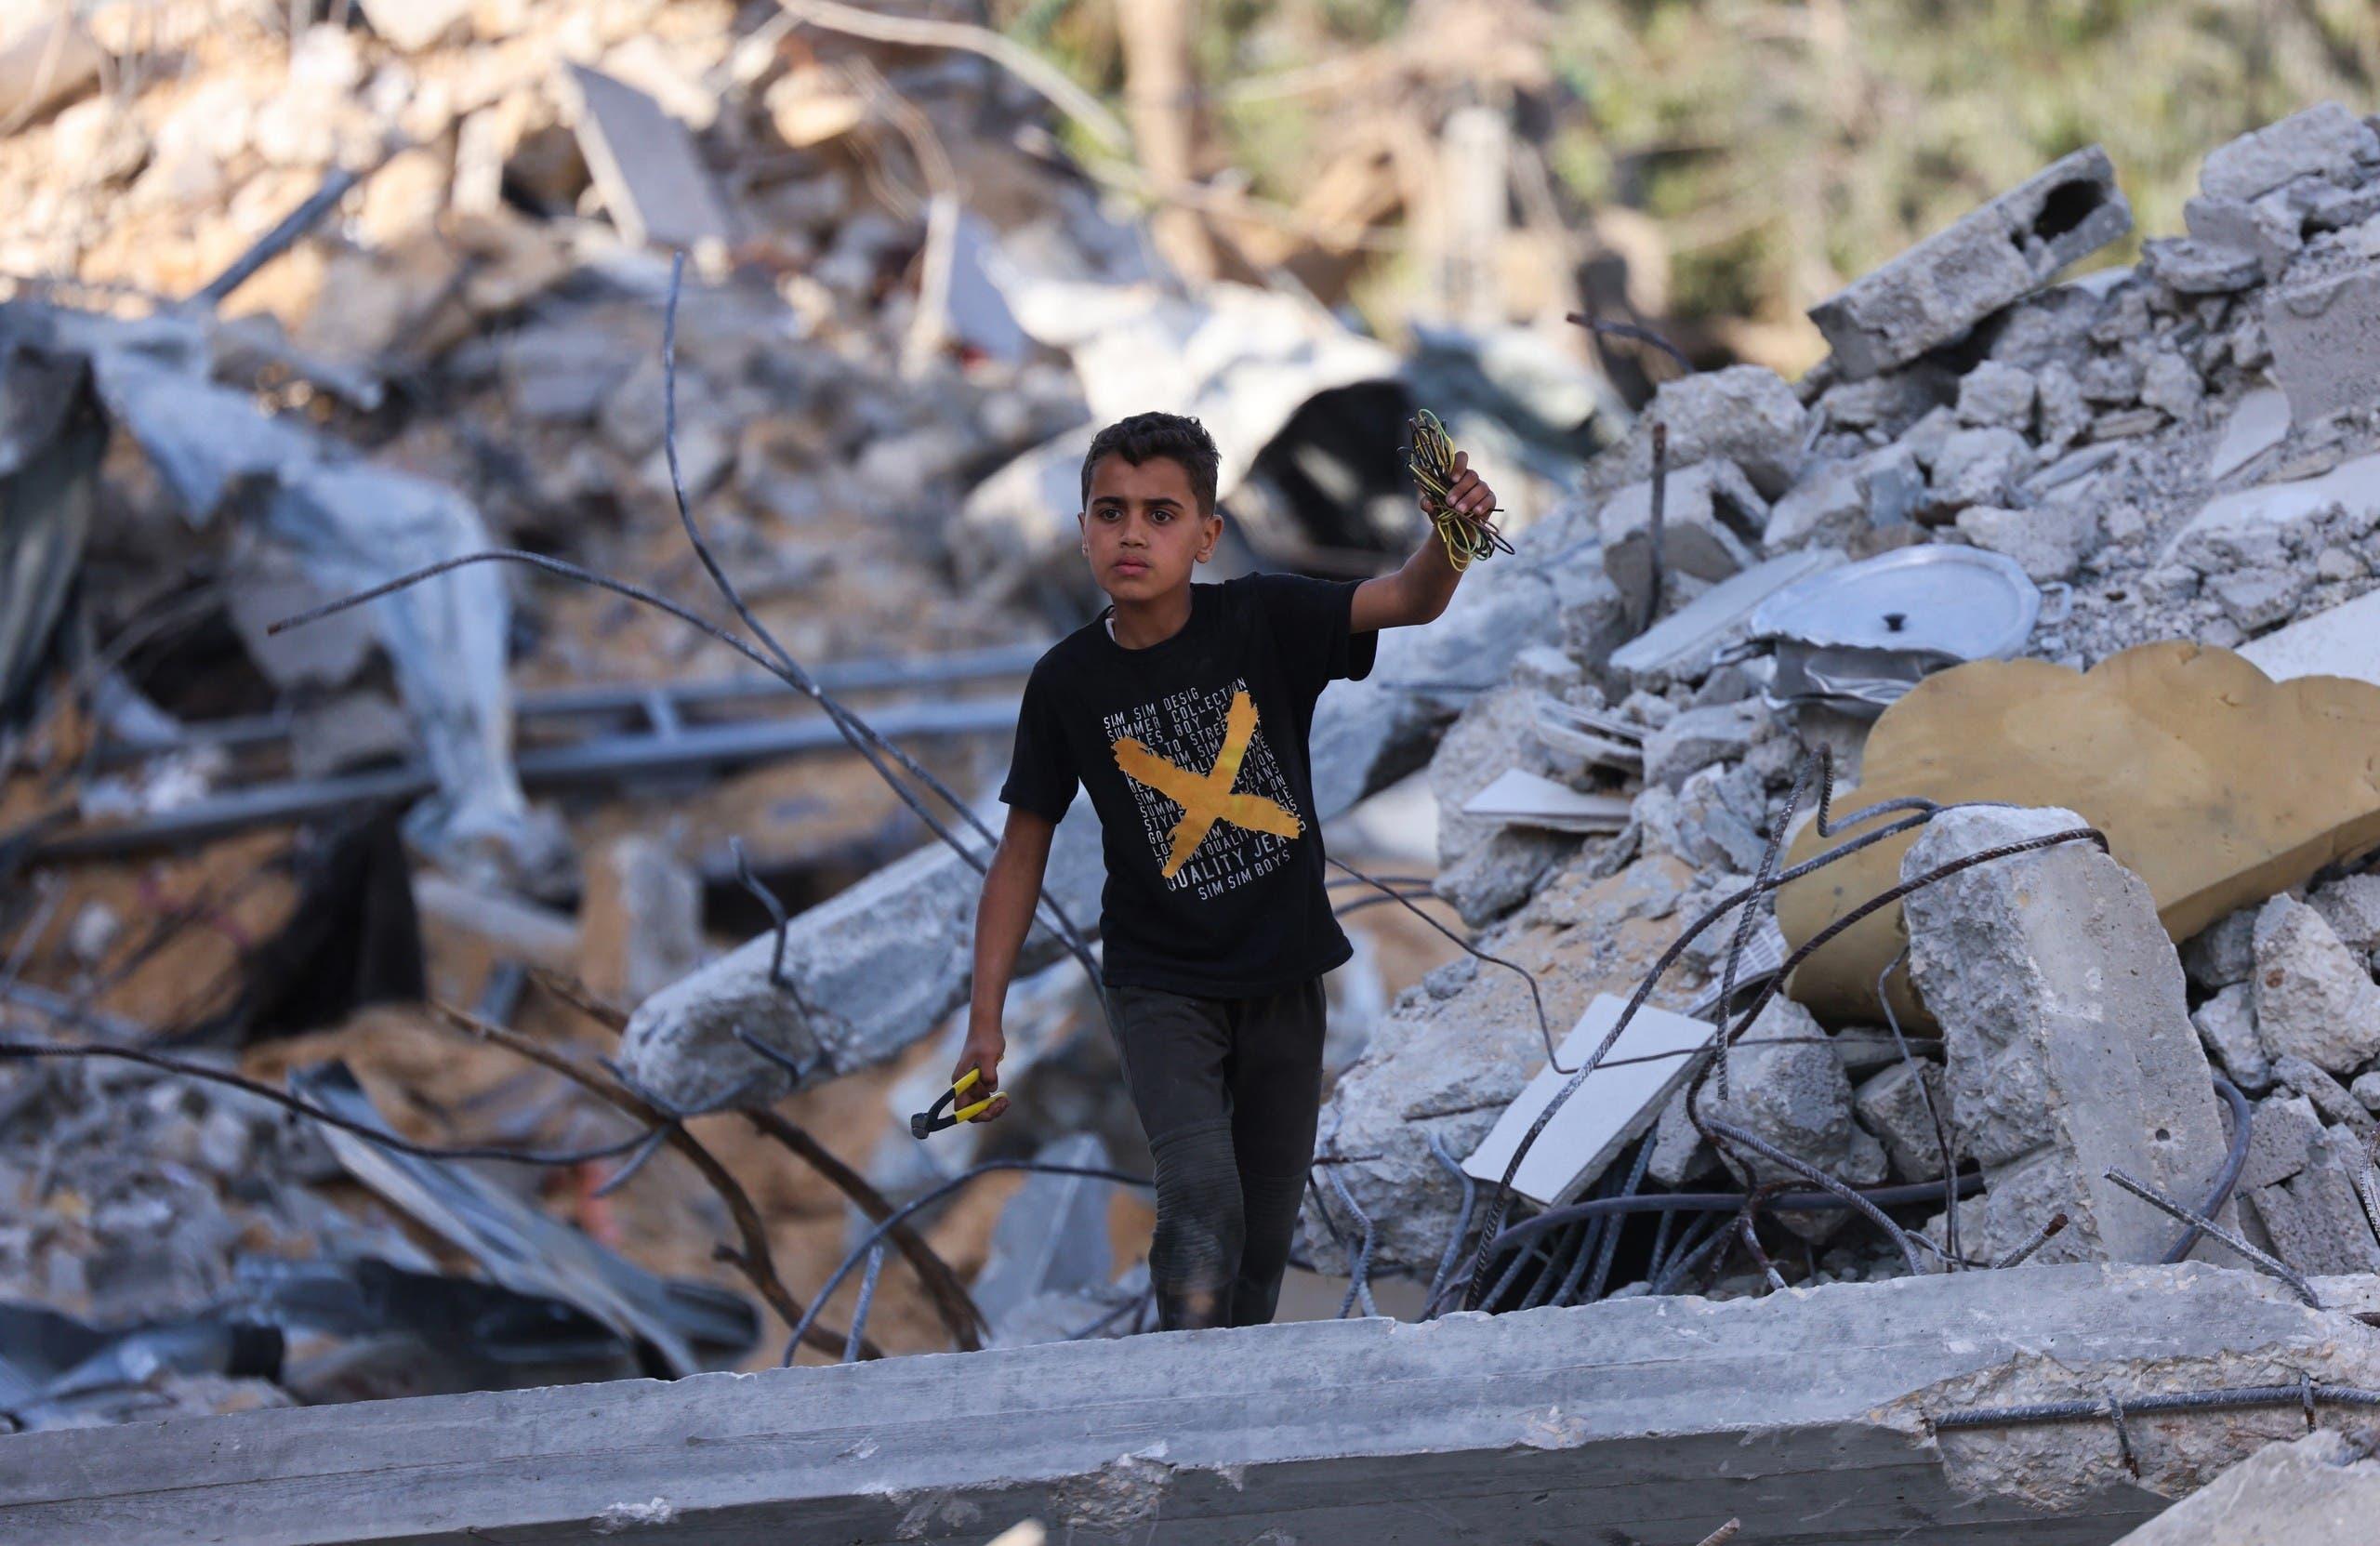 طفل فلسطيني يمشي بين ركام المباني في غزة